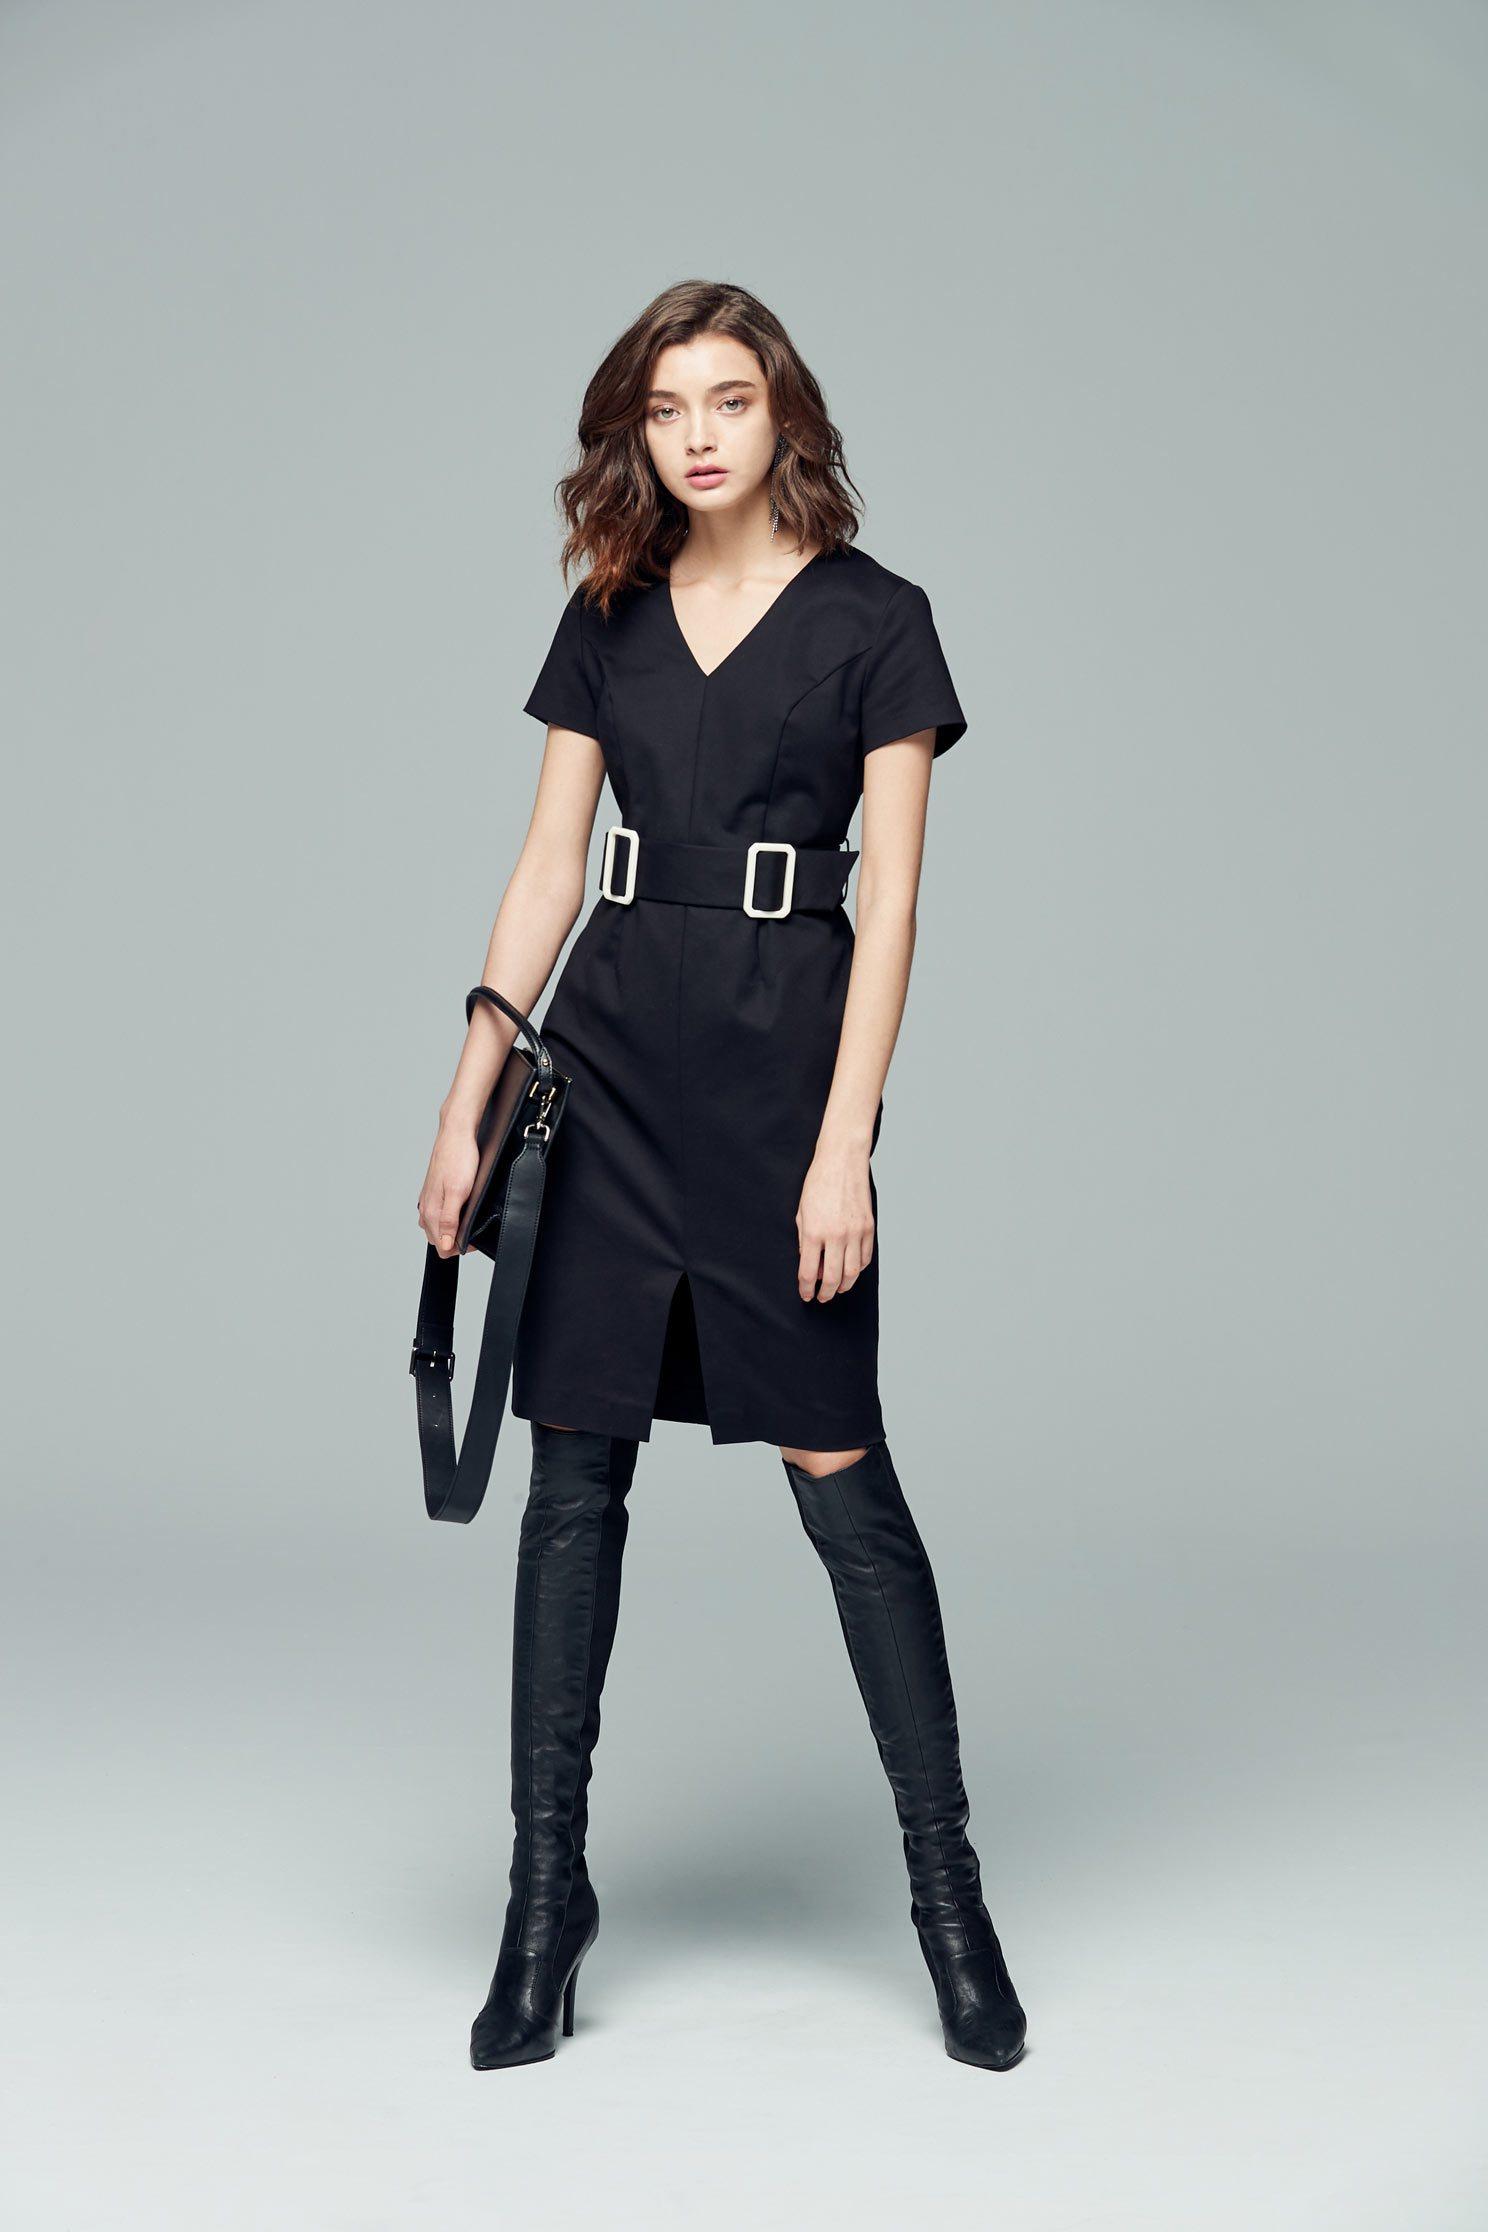 V-neck short-sleeved One-piece belted dress